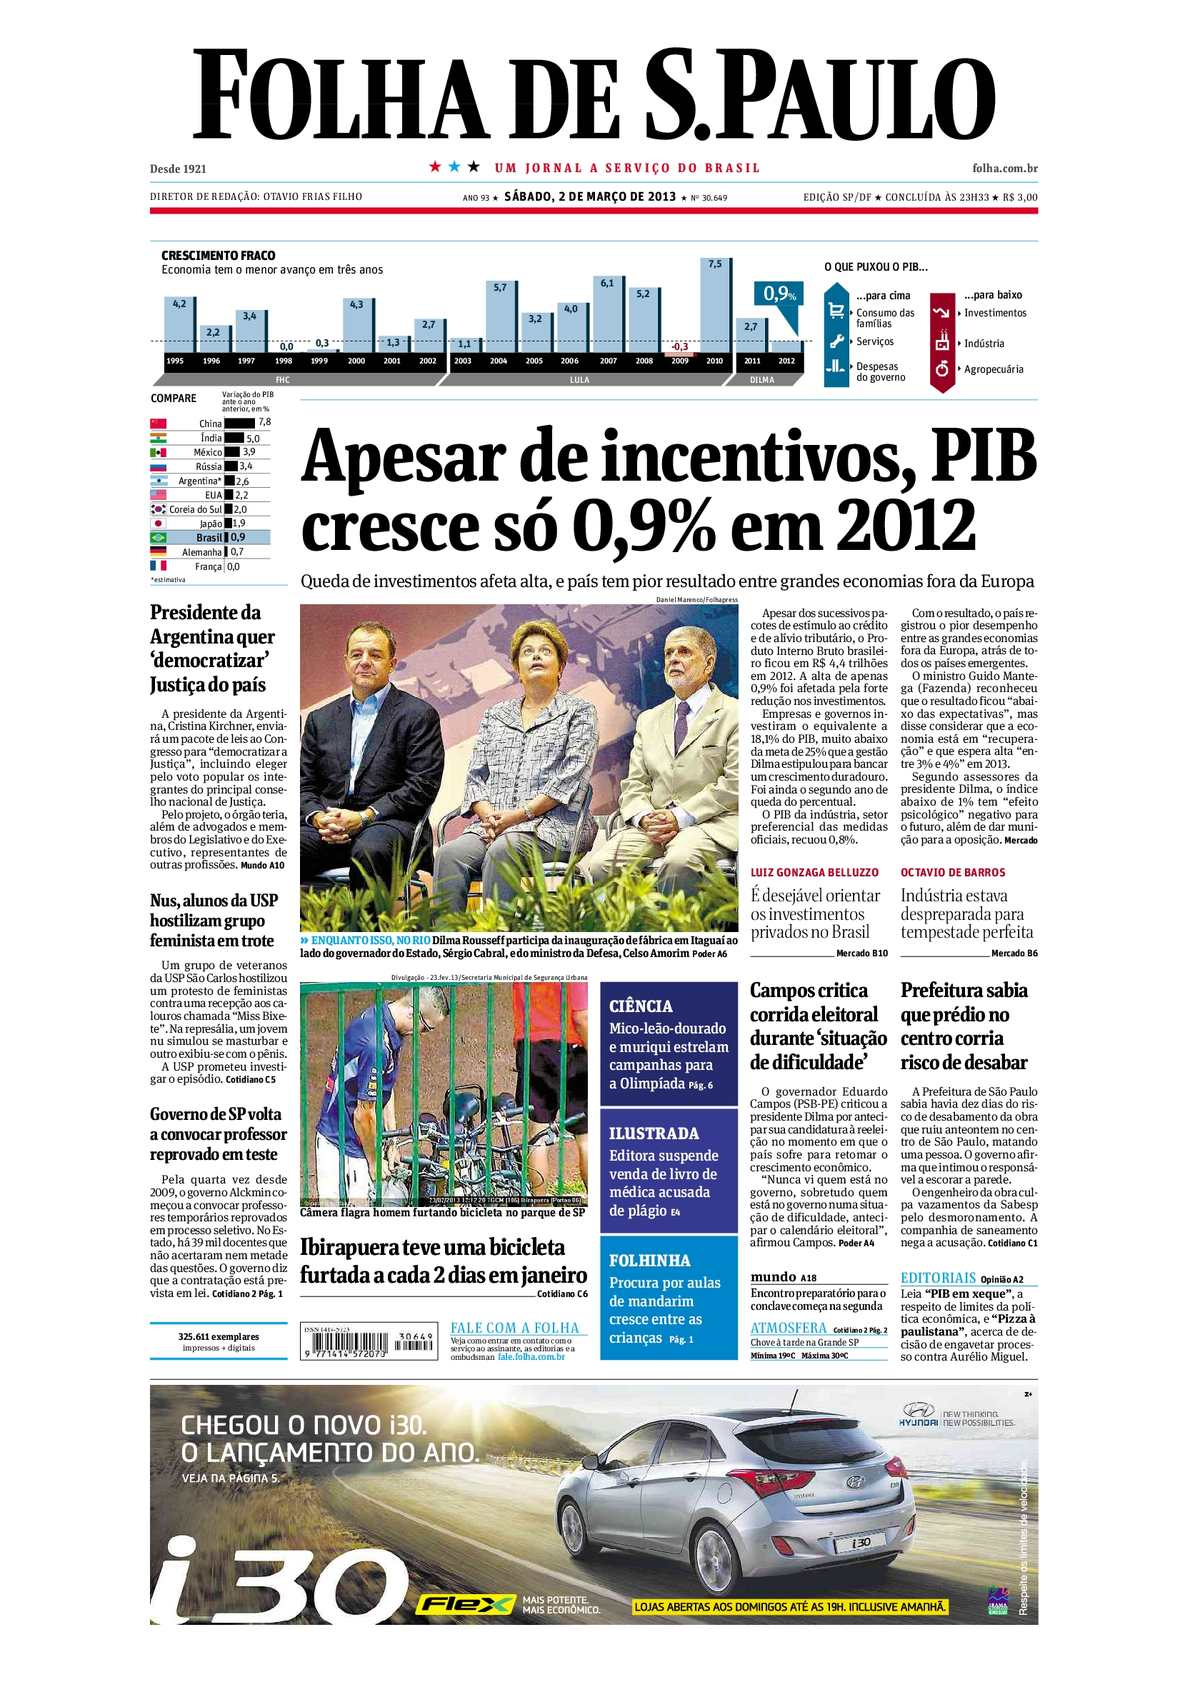 cadf5fa4c3 Calaméo - Folha de São Paulo - 02 03 13